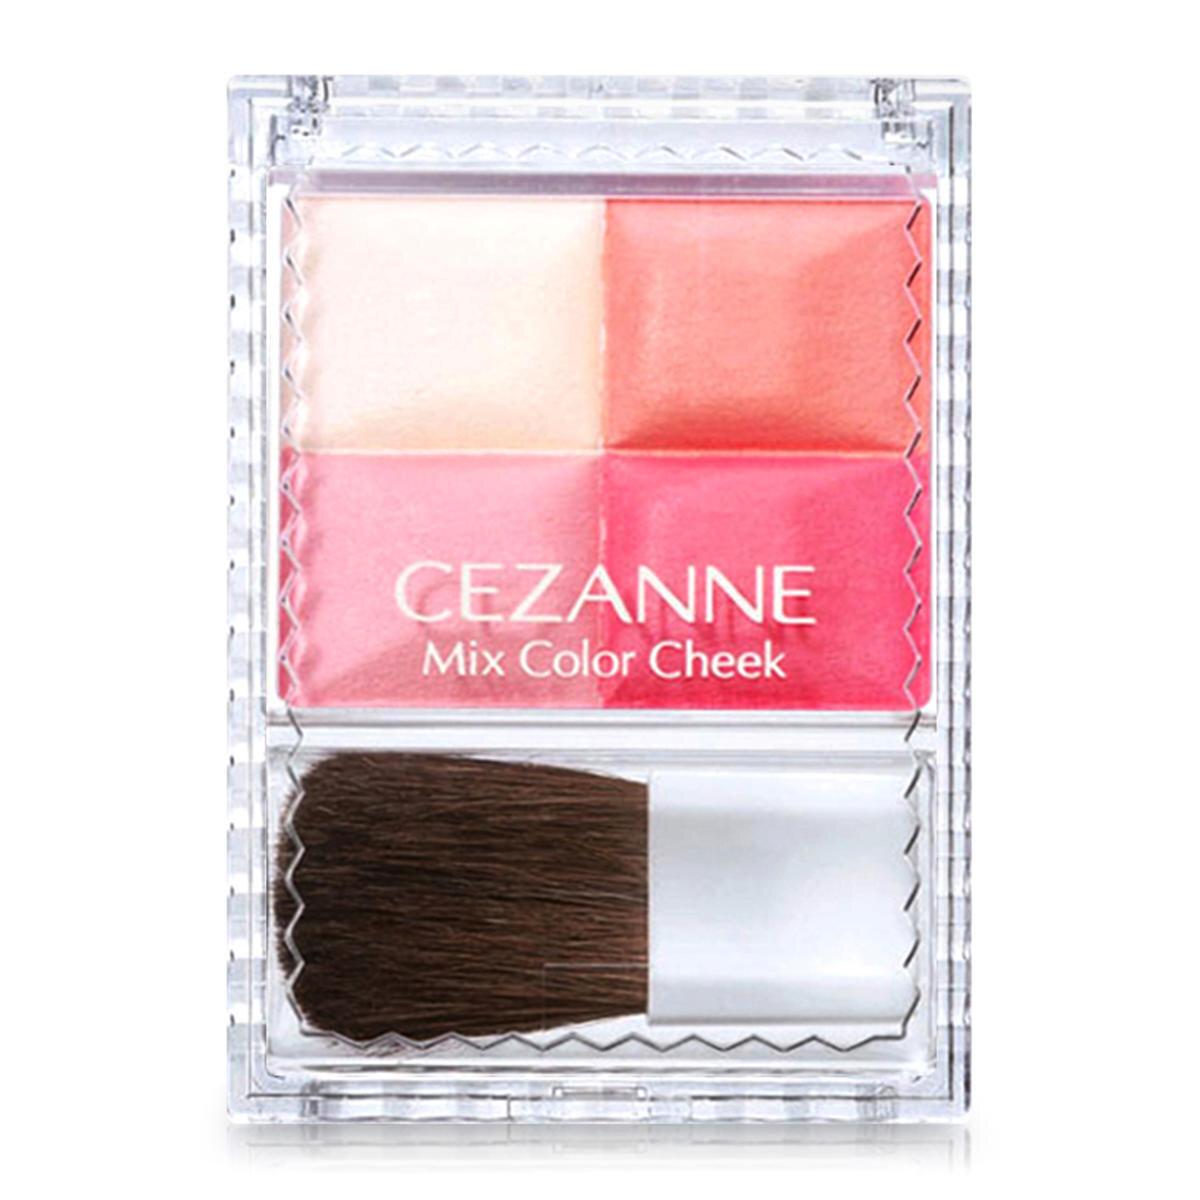 Phấn má Cezanne Mix Color Cheek màu 01 8g